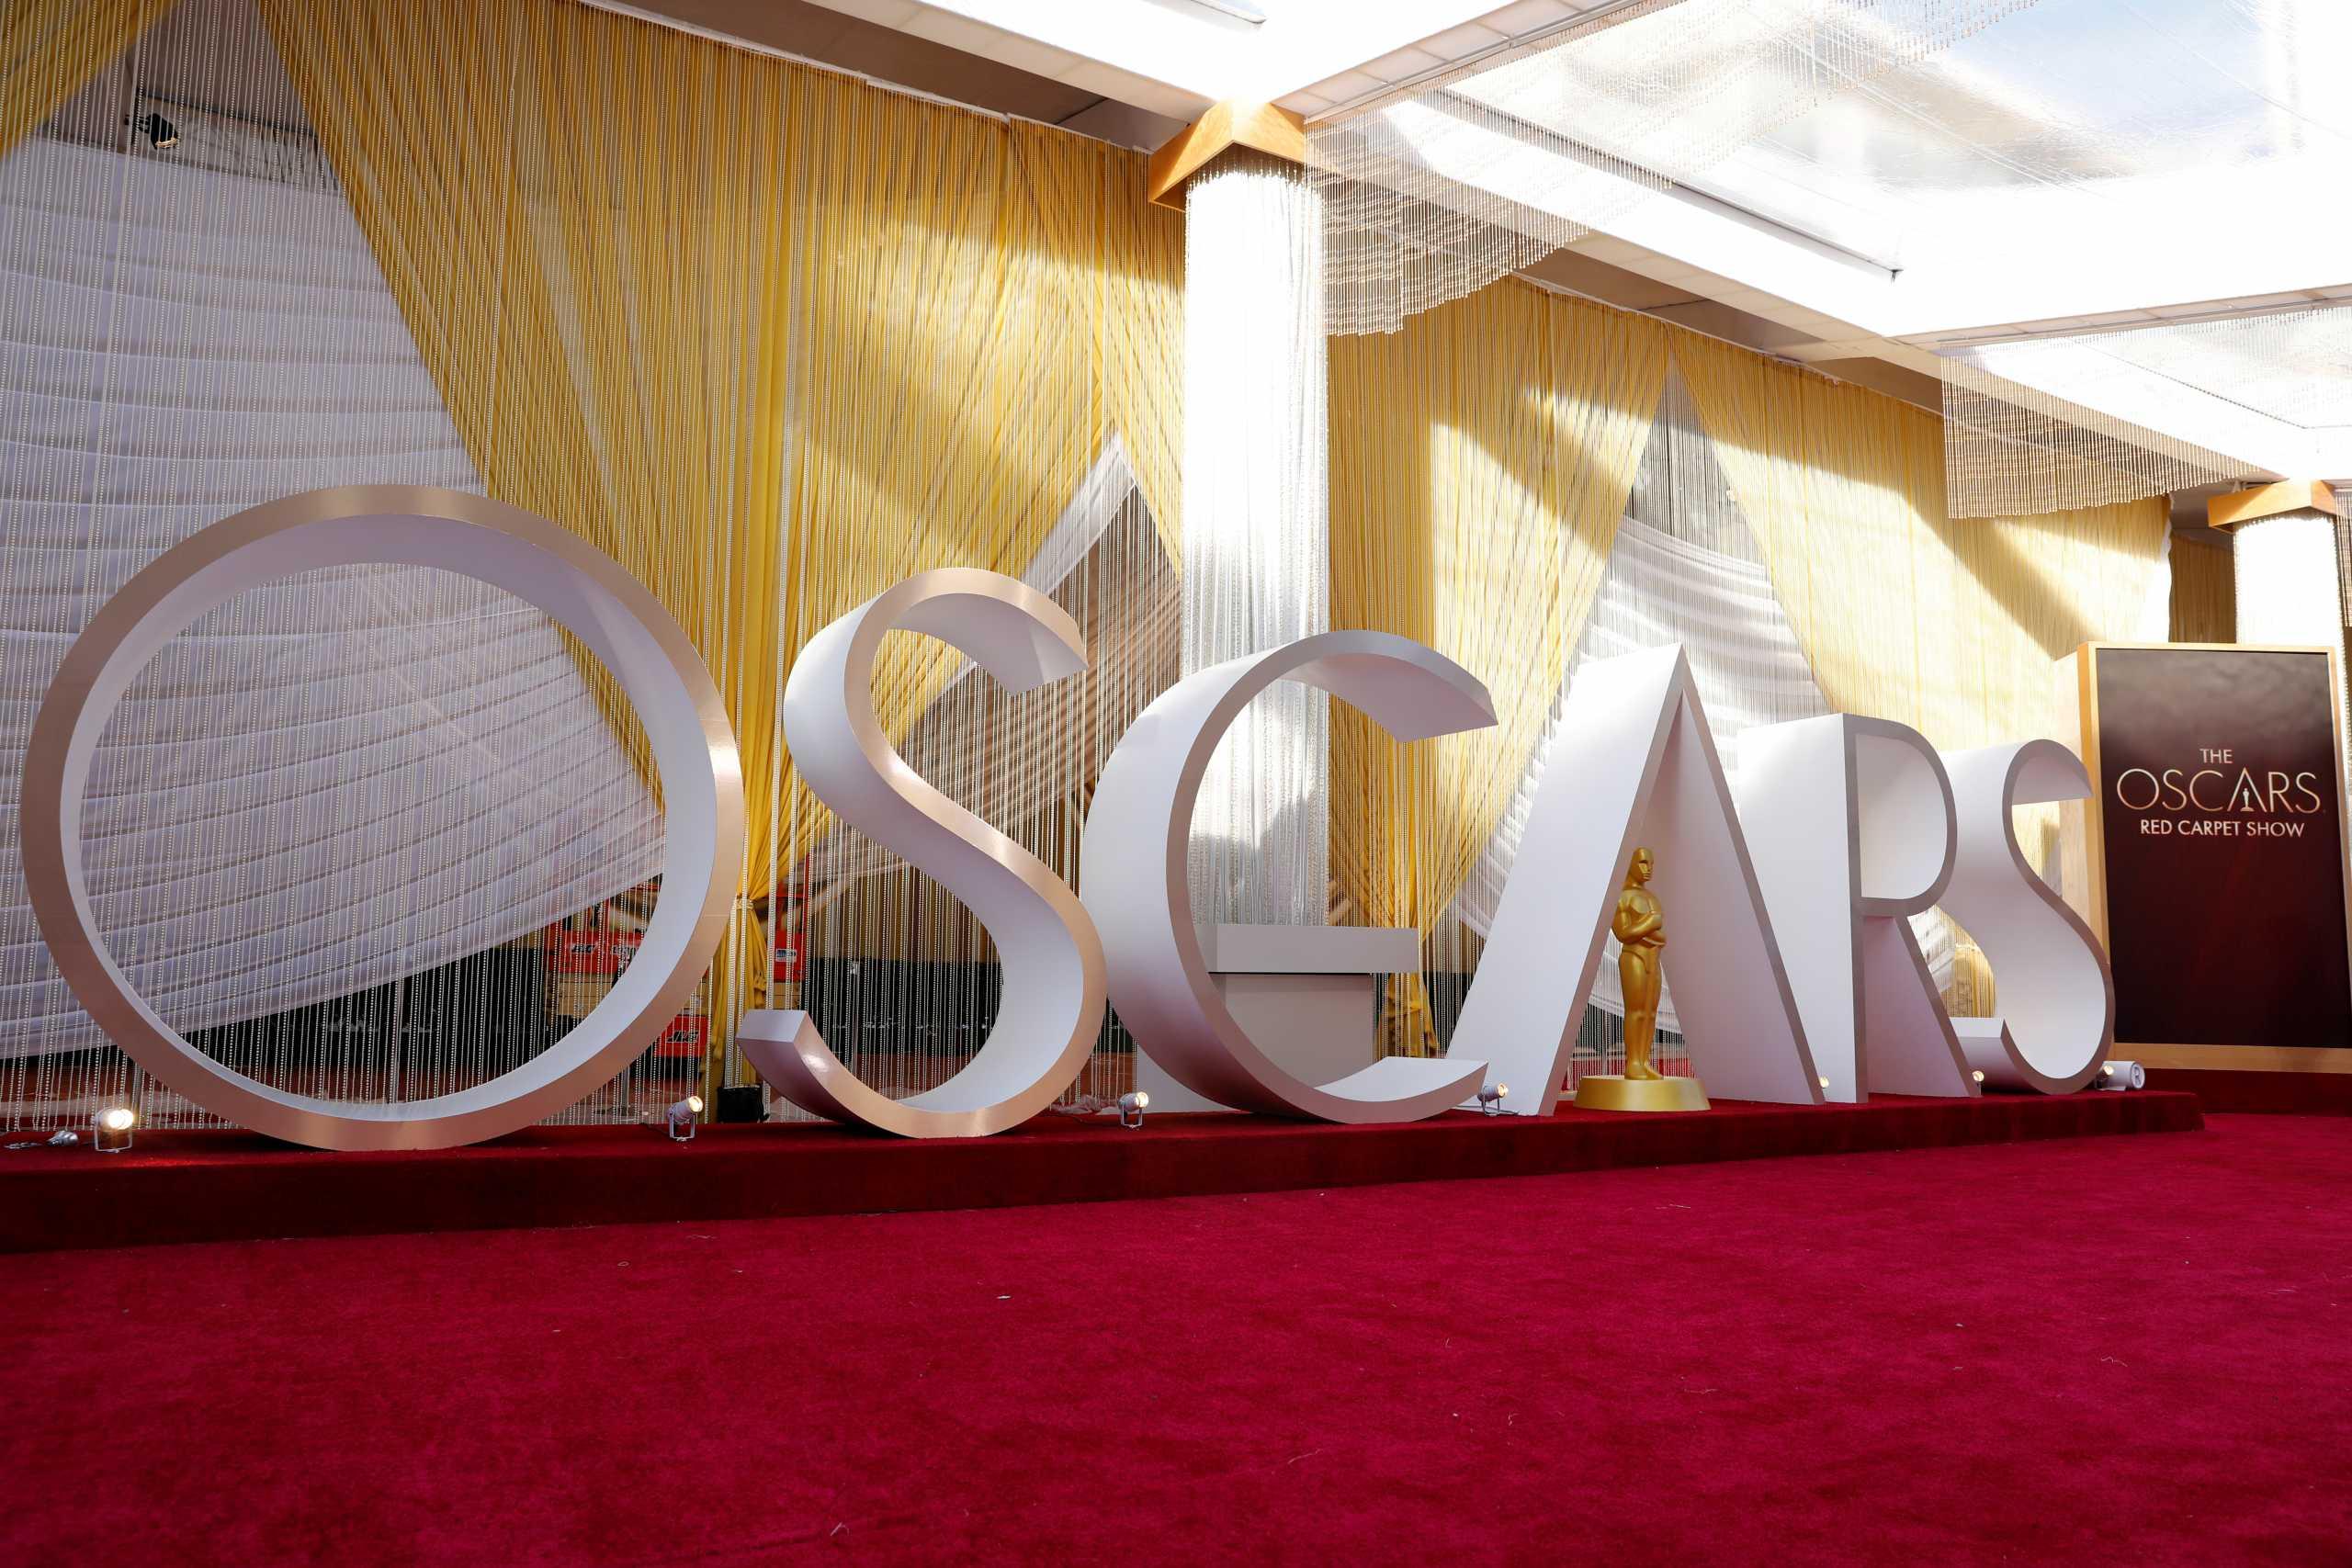 Oscar από μια… στέγη στο Λος Άντζελες κι ένα ψαροχώρι στην Ισλανδία